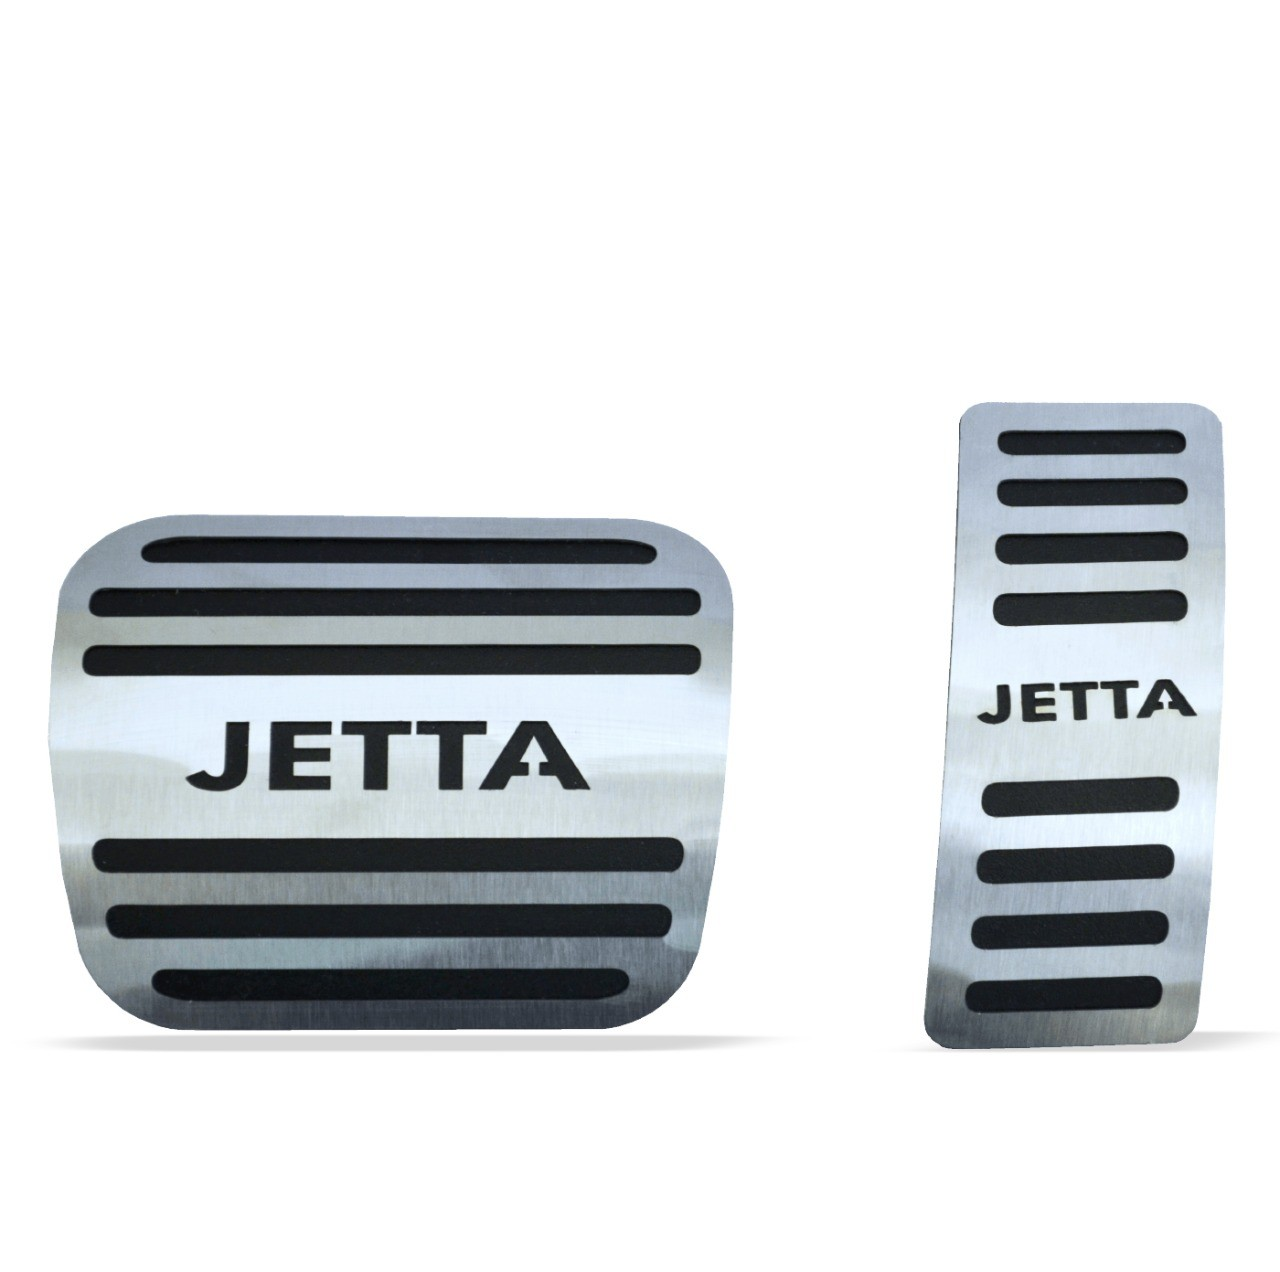 Pedaleira para Jetta Automático em Aço Inox